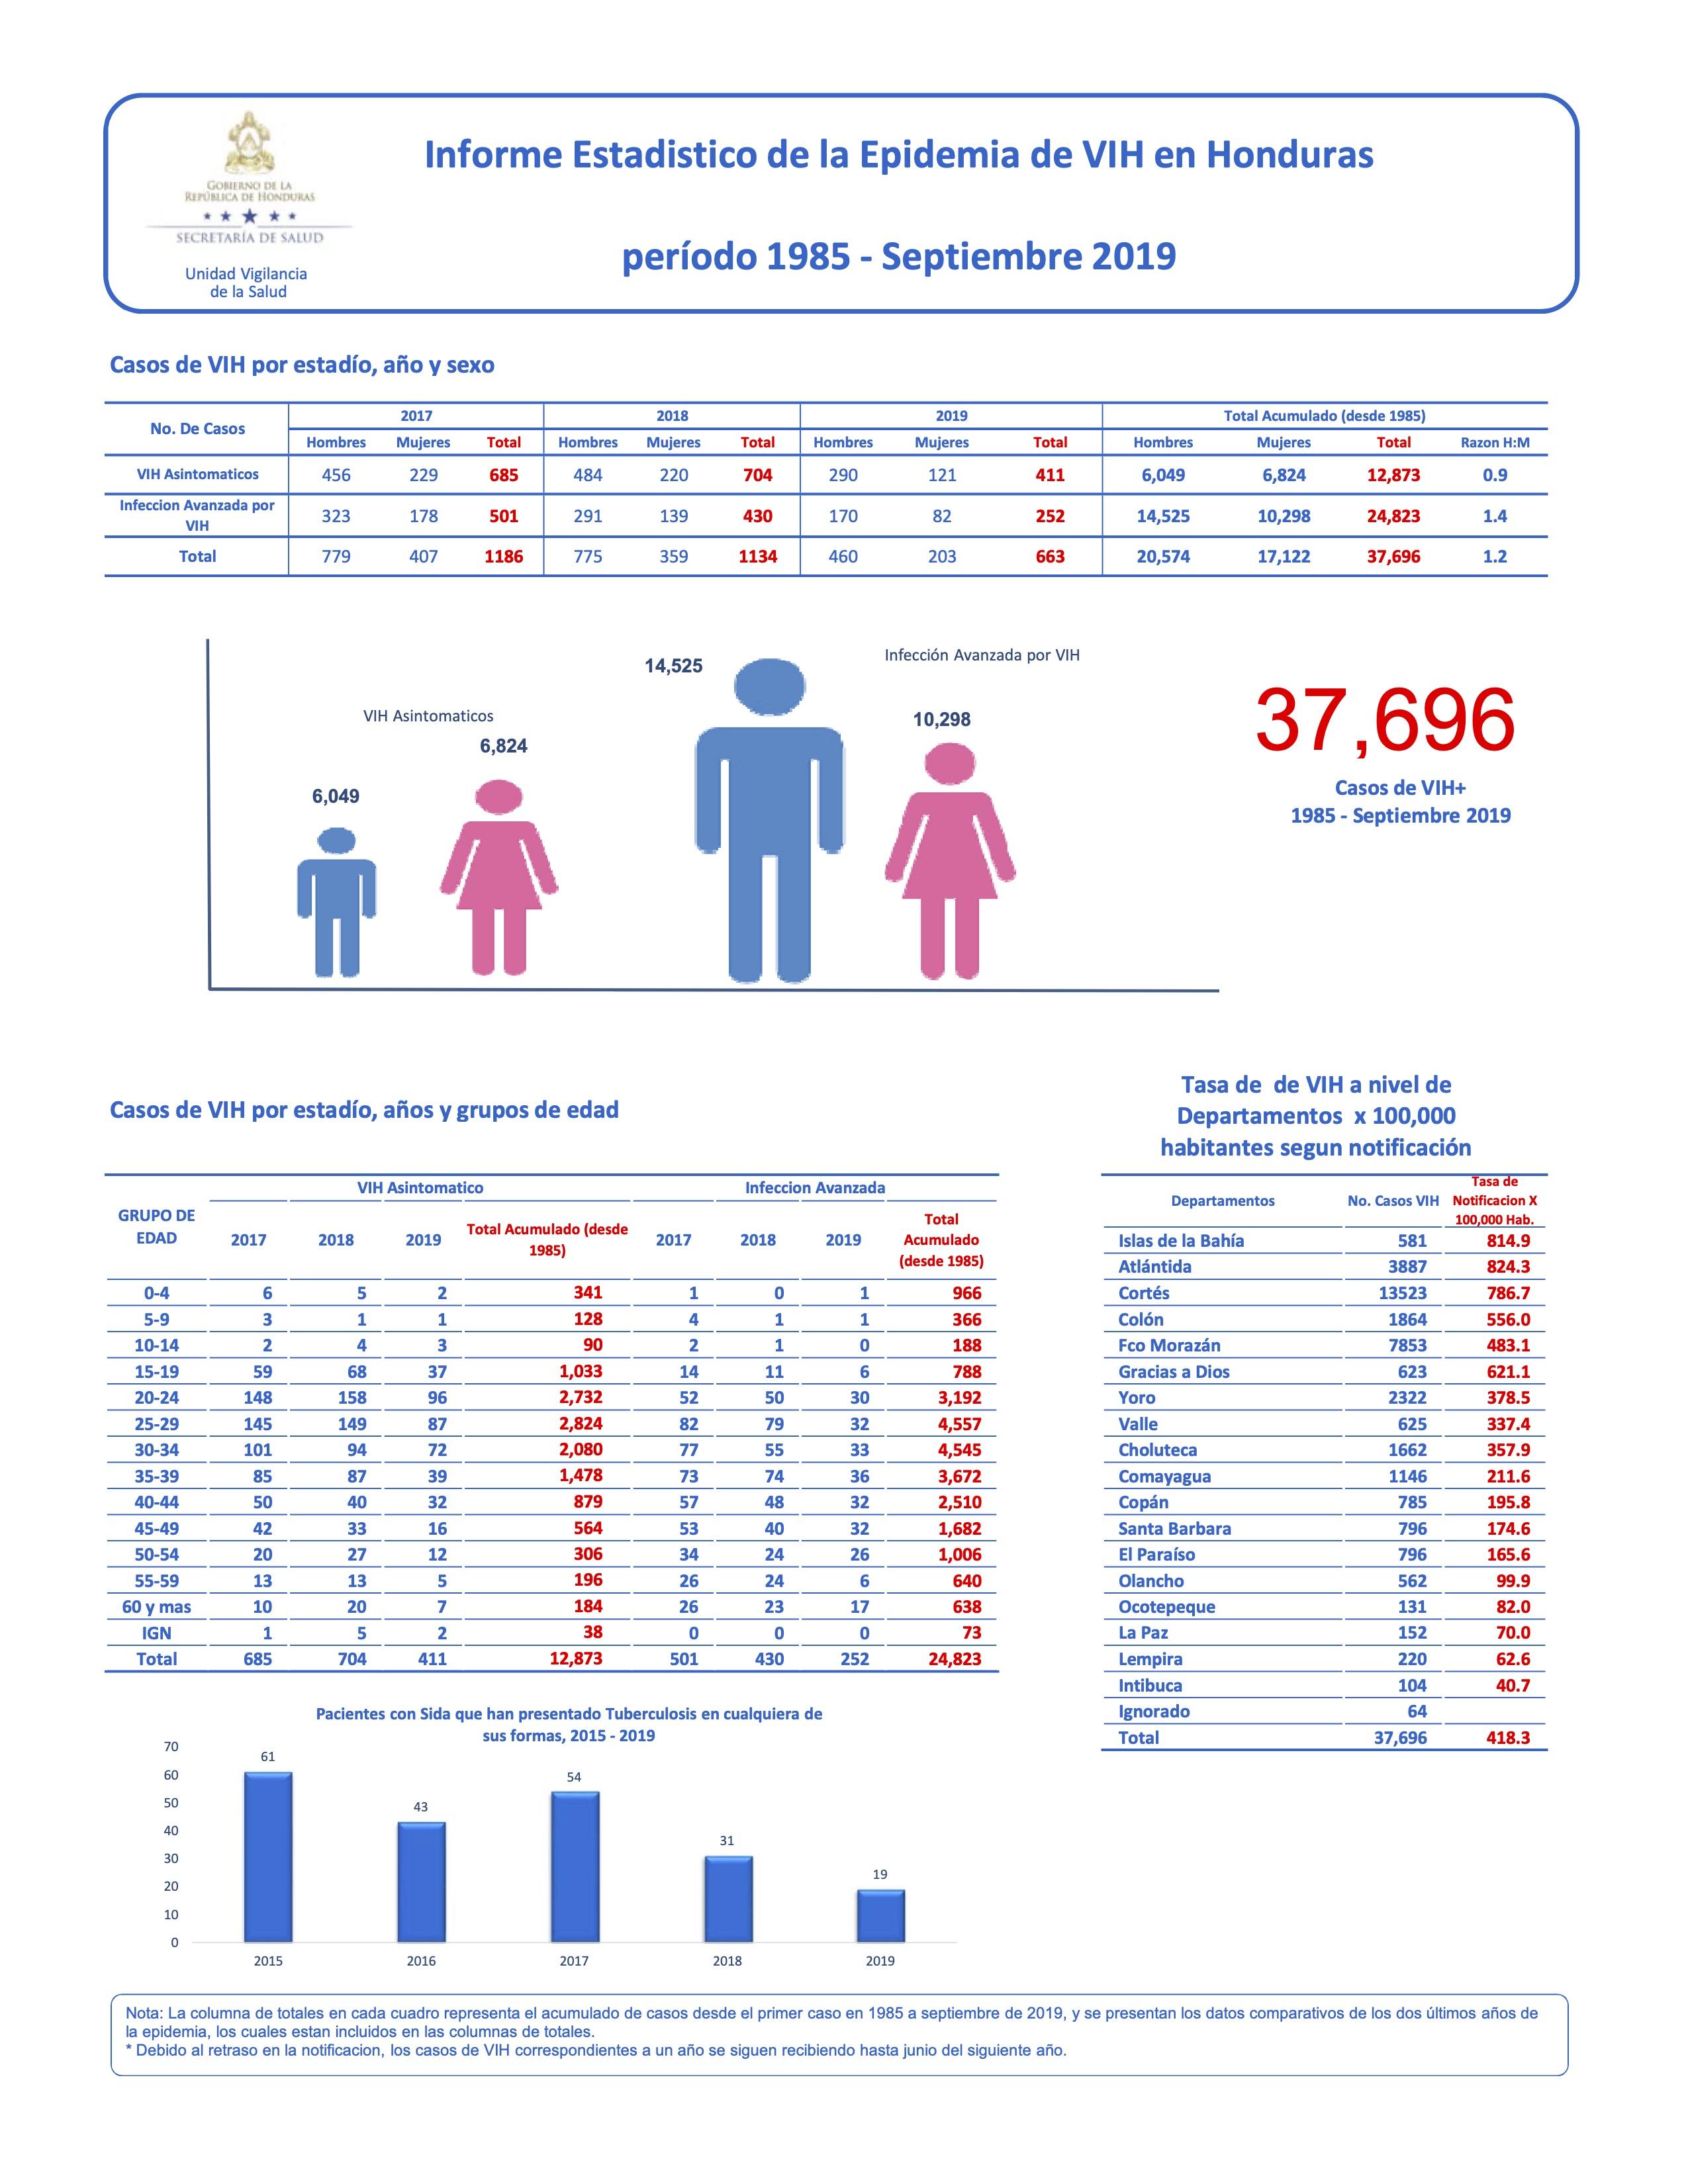 Informe Estadistico de la Epidemia de VIH en Honduras período 1985 ‐ Septiembre 2019